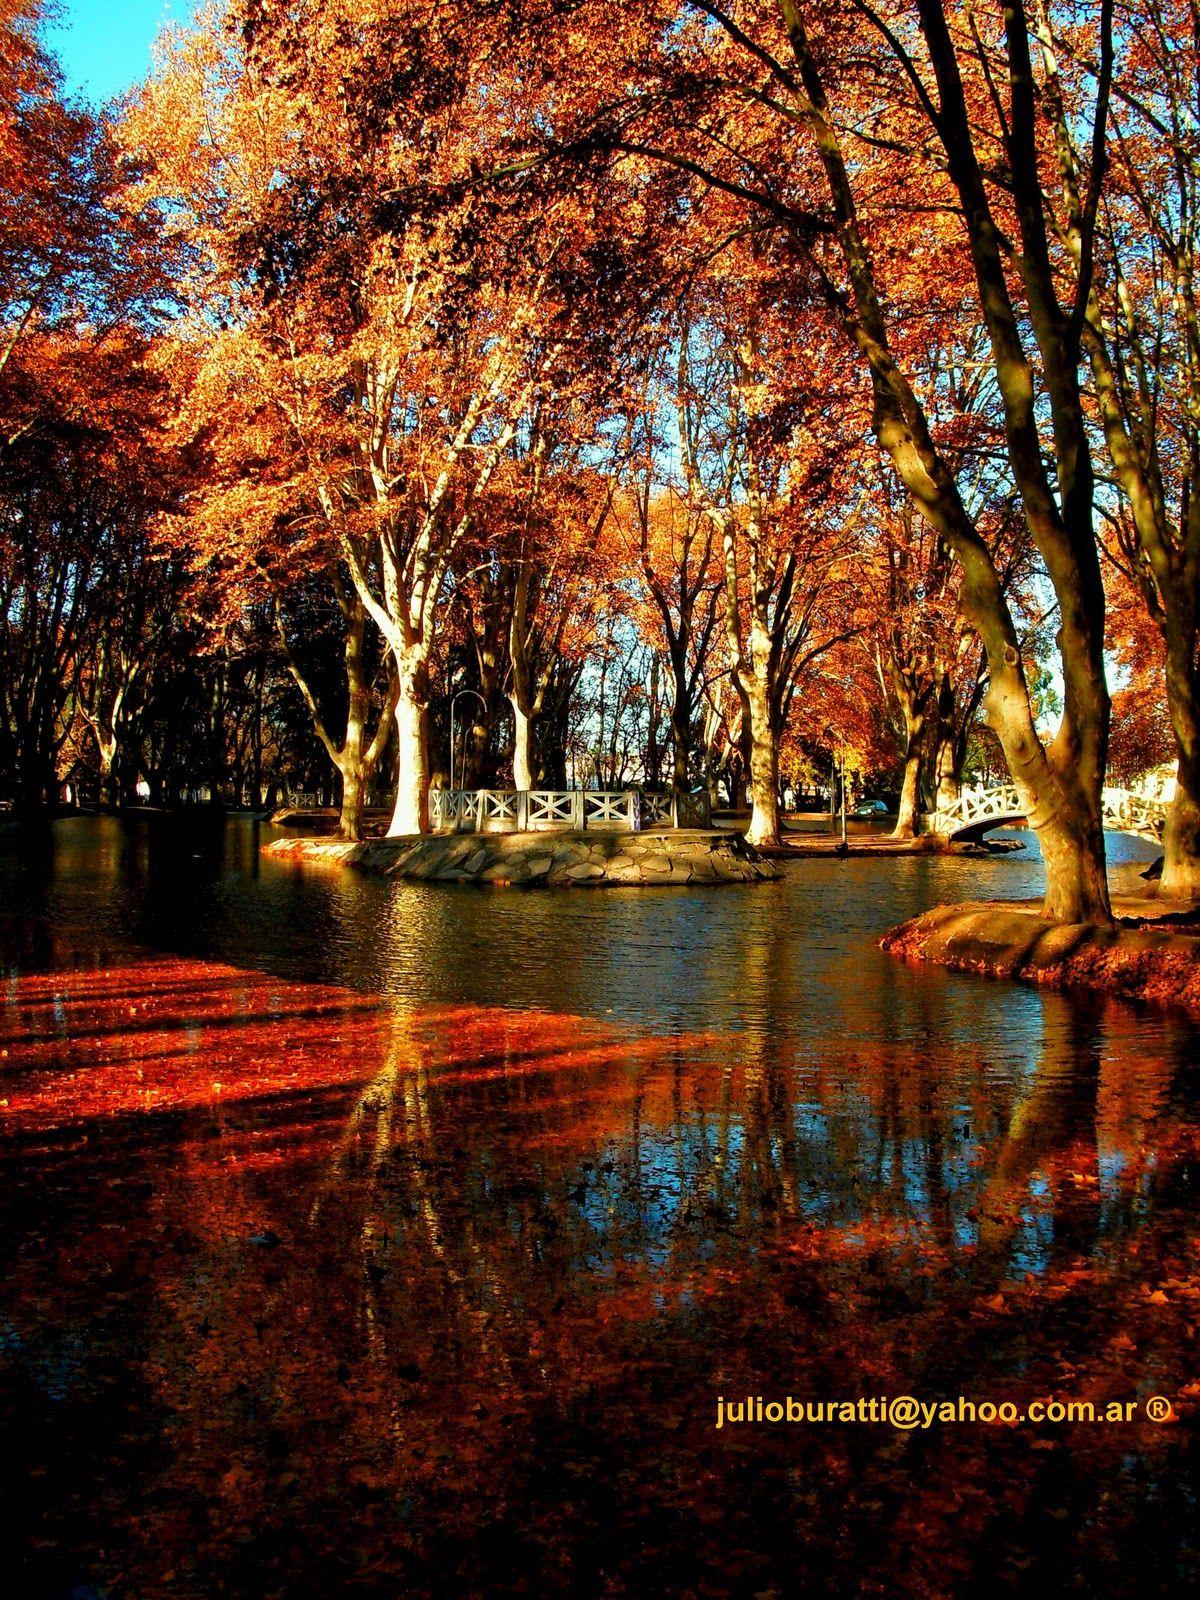 Vista del otoño en el parque Sarmiento en Río Cuarto-Córdoba ...